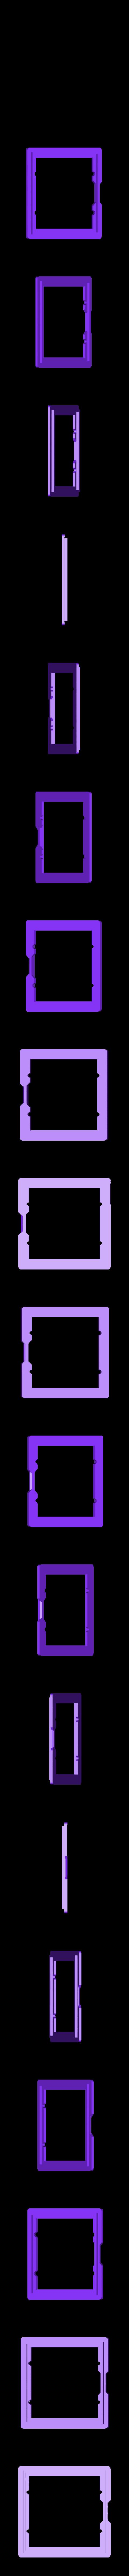 nt-tray.stl Télécharger fichier STL gratuit Jeu de correspondance de couleurs NeoTrellis • Objet à imprimer en 3D, Adafruit